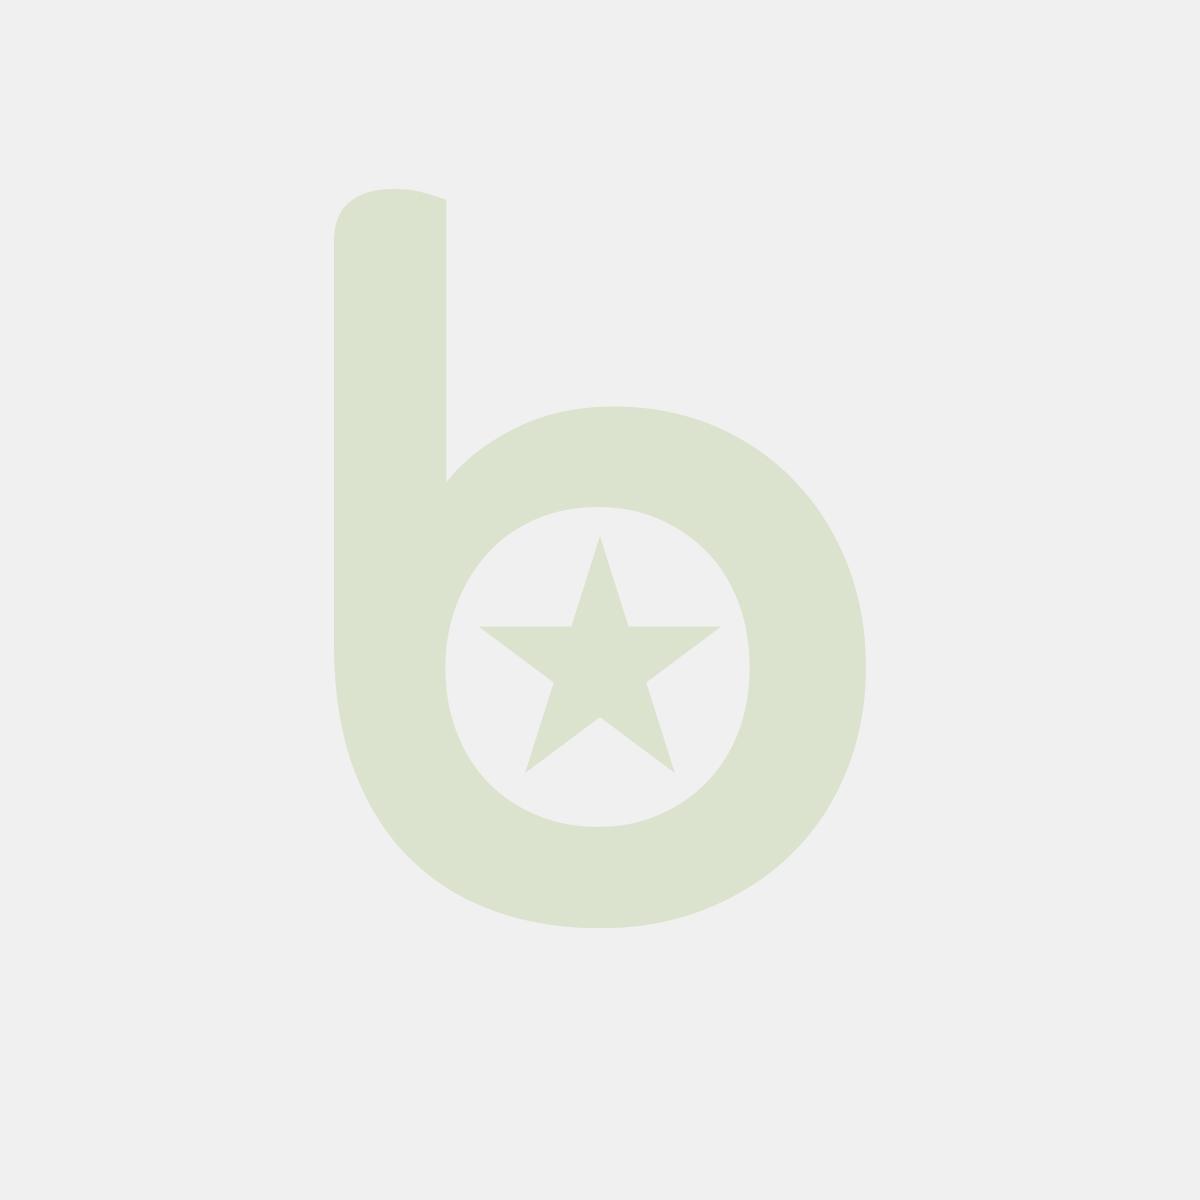 Pojemnik obiadowy do zgrzewu K 227/3, trójdzielny, czarny, 227x178x50, cena za opakowanie 50szt